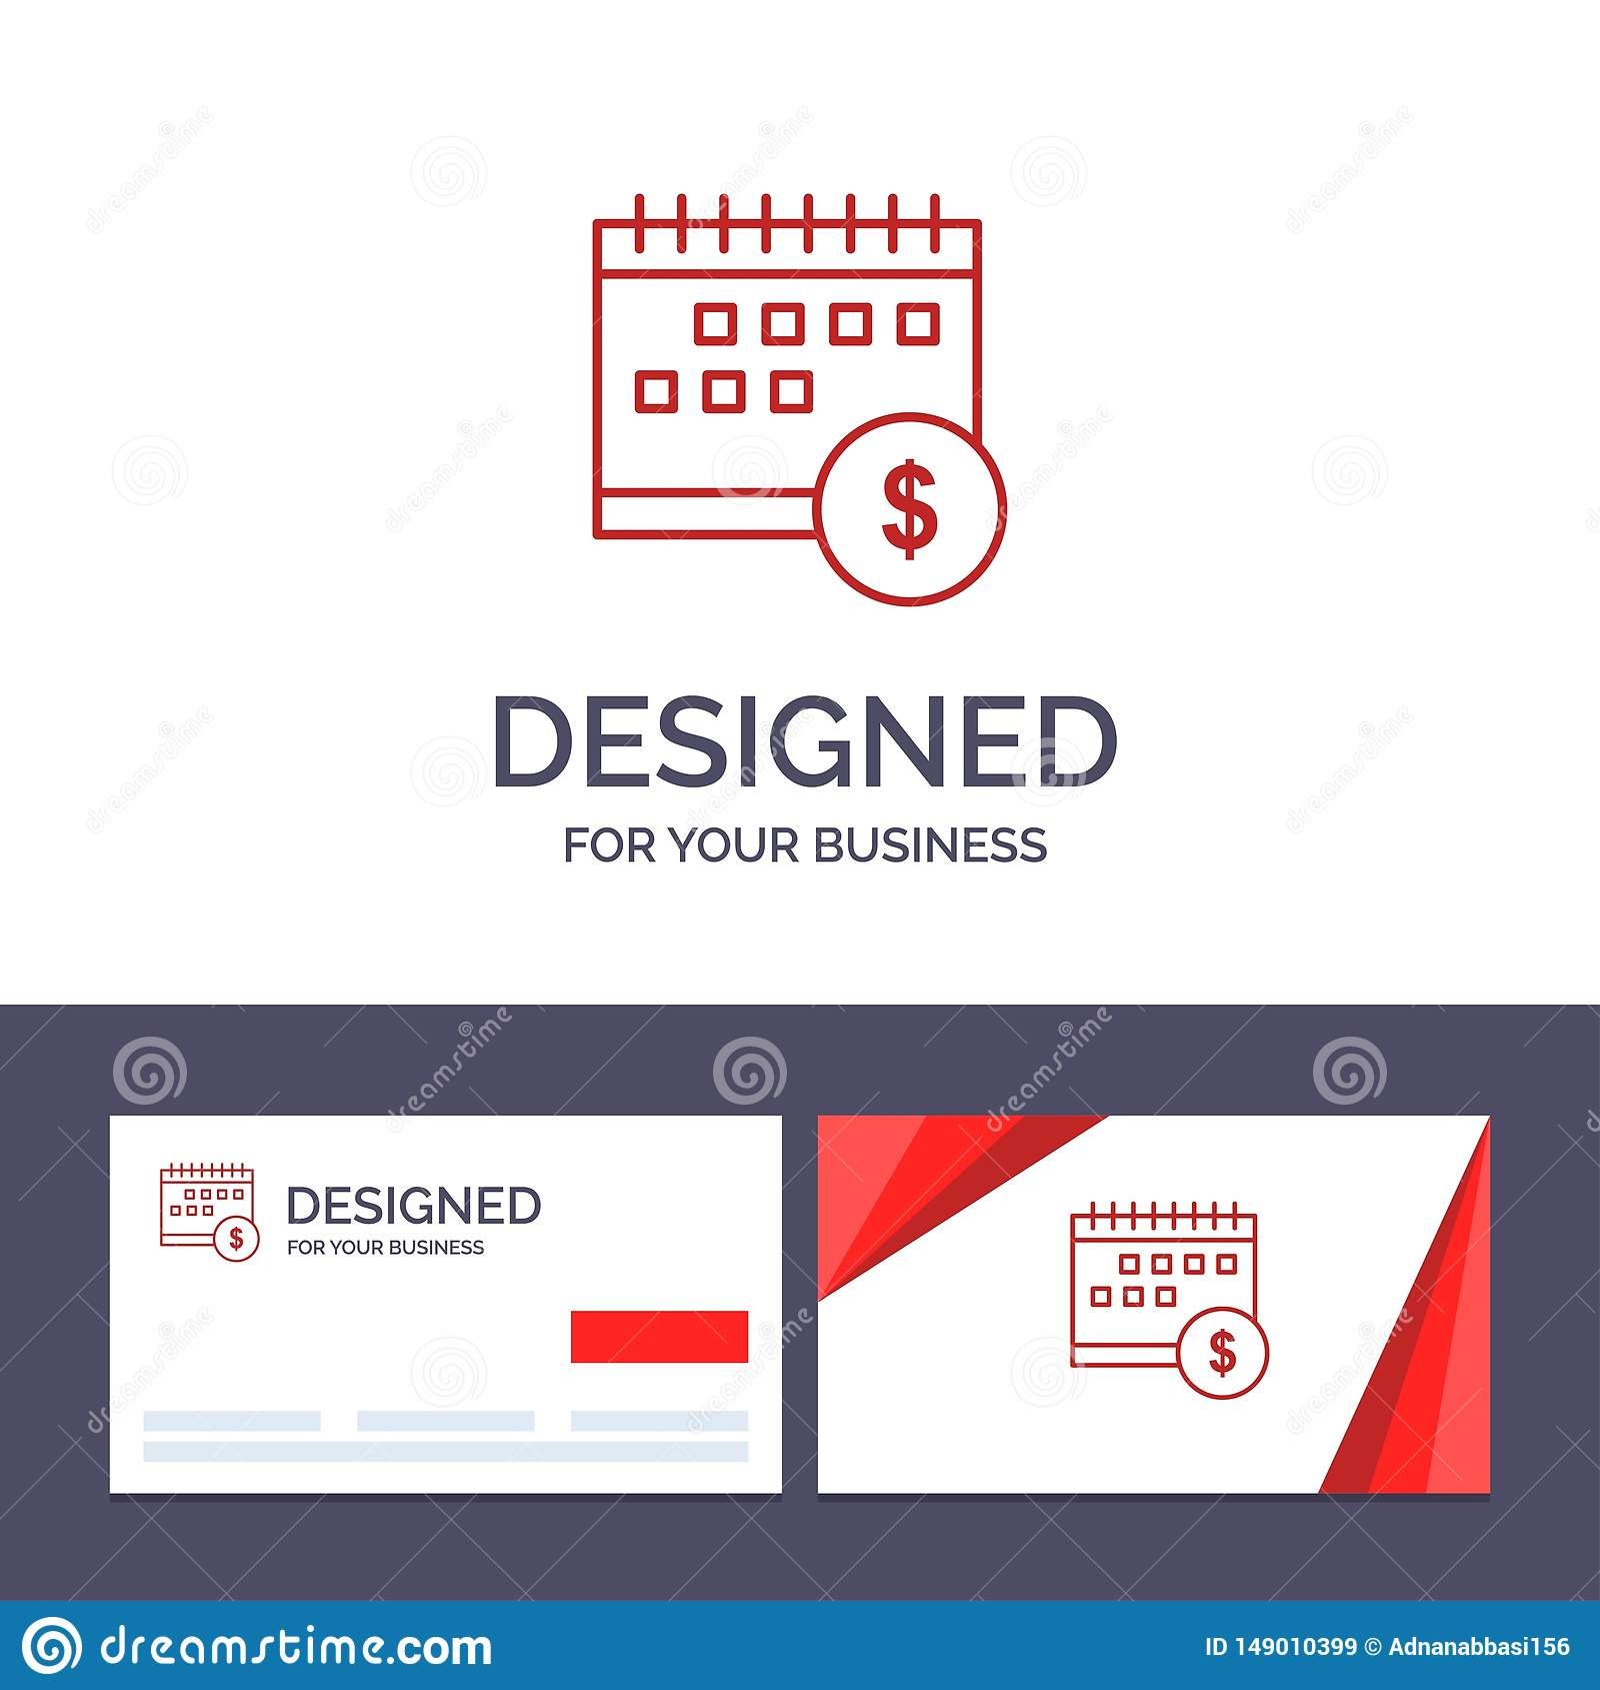 Kreative Visitenkarte- und Logoschablone Kalender, Bankwesen, Dollar, Geld, Zeit, wirtschaftliche Vektor-Illustration